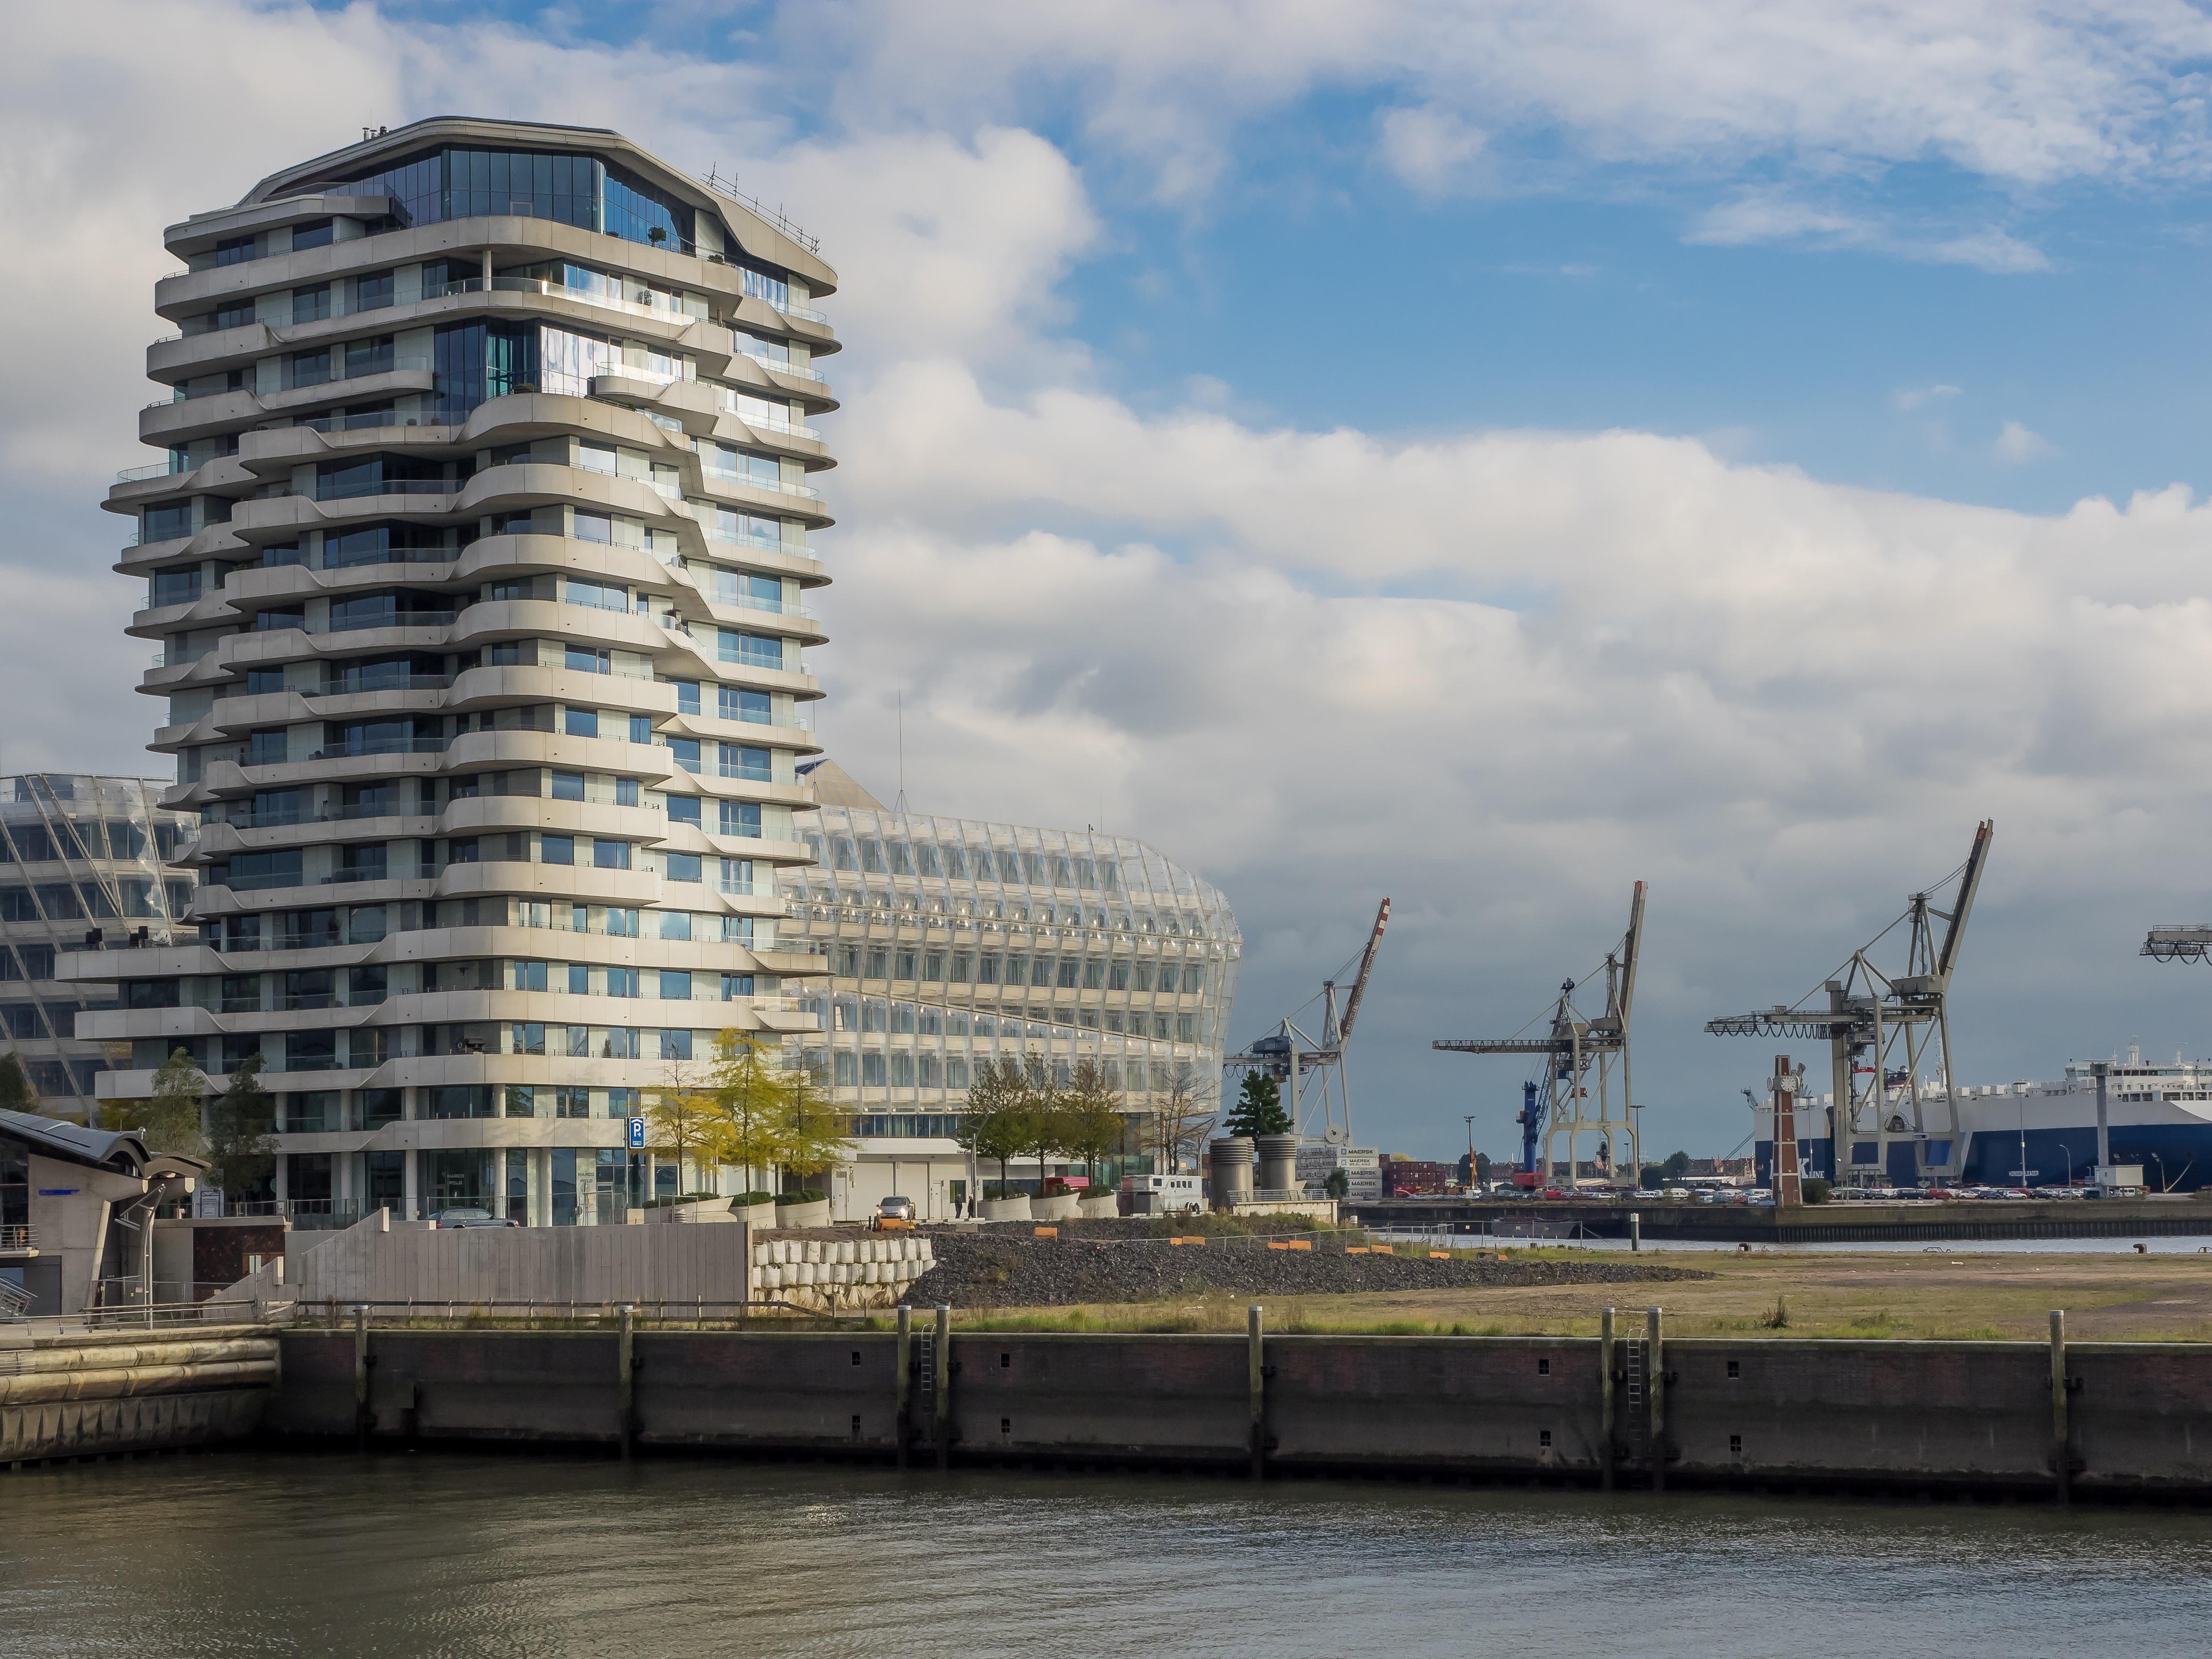 Kostenlose Foto Meer Kuste Dock Die Architektur Boot Skyline